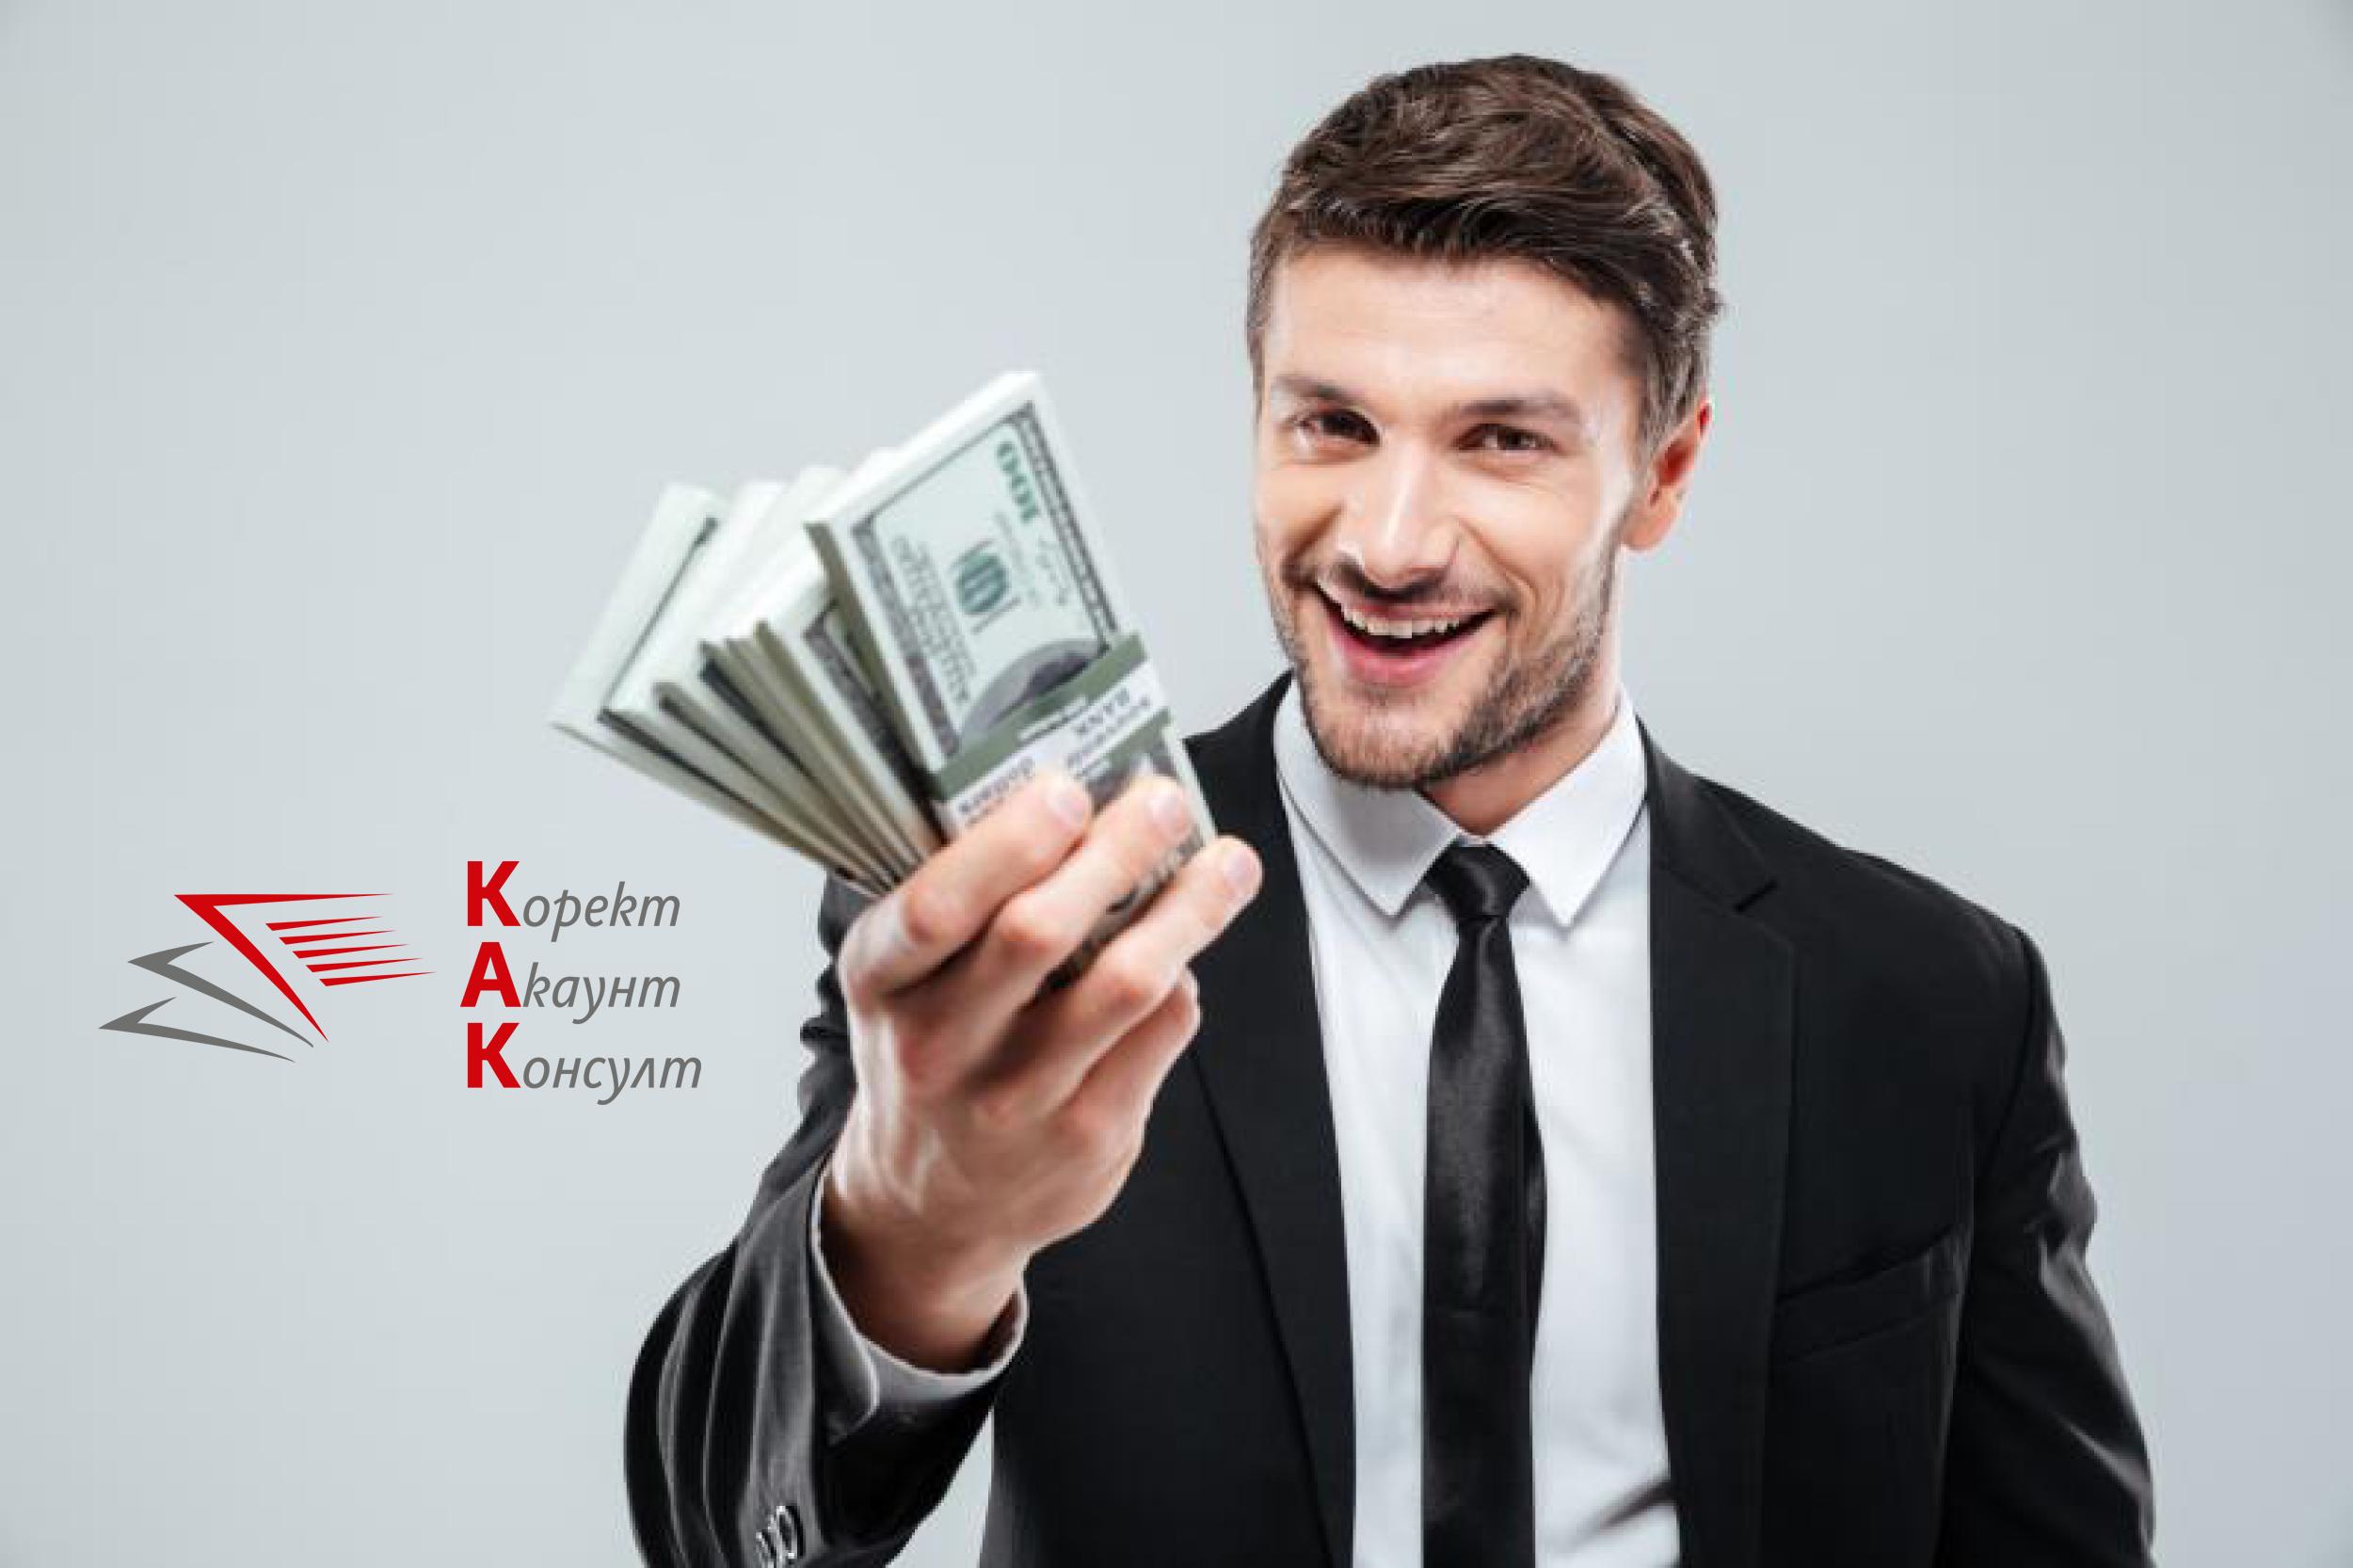 Съвети за онези, които финансират началото на своя бизнес с лични пари